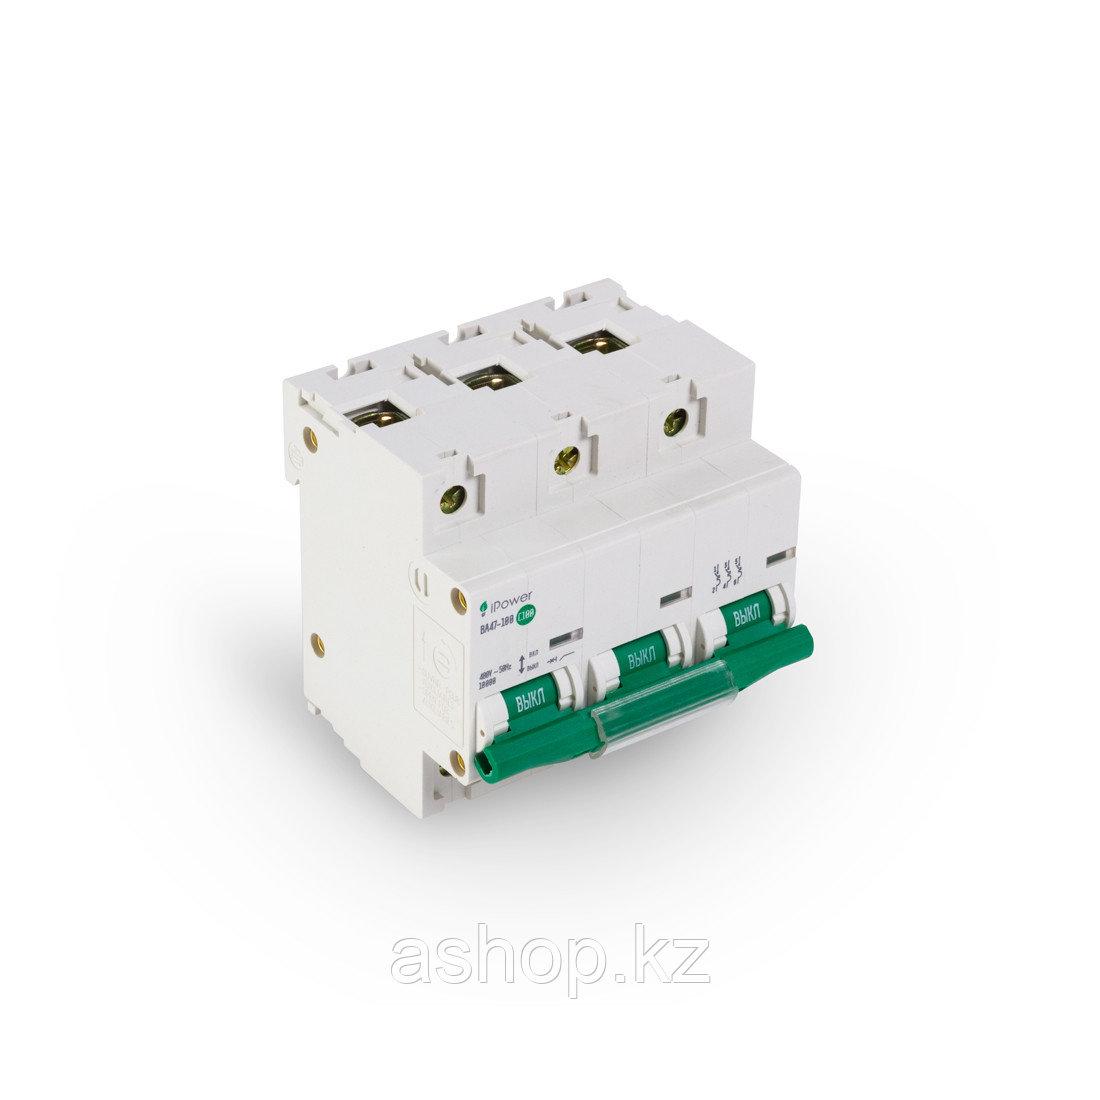 Автоматический выключатель реечный iPower ВА47-100 3P 100А, 230/400 В, Кол-во полюсов: 3, Предел отключения: 1